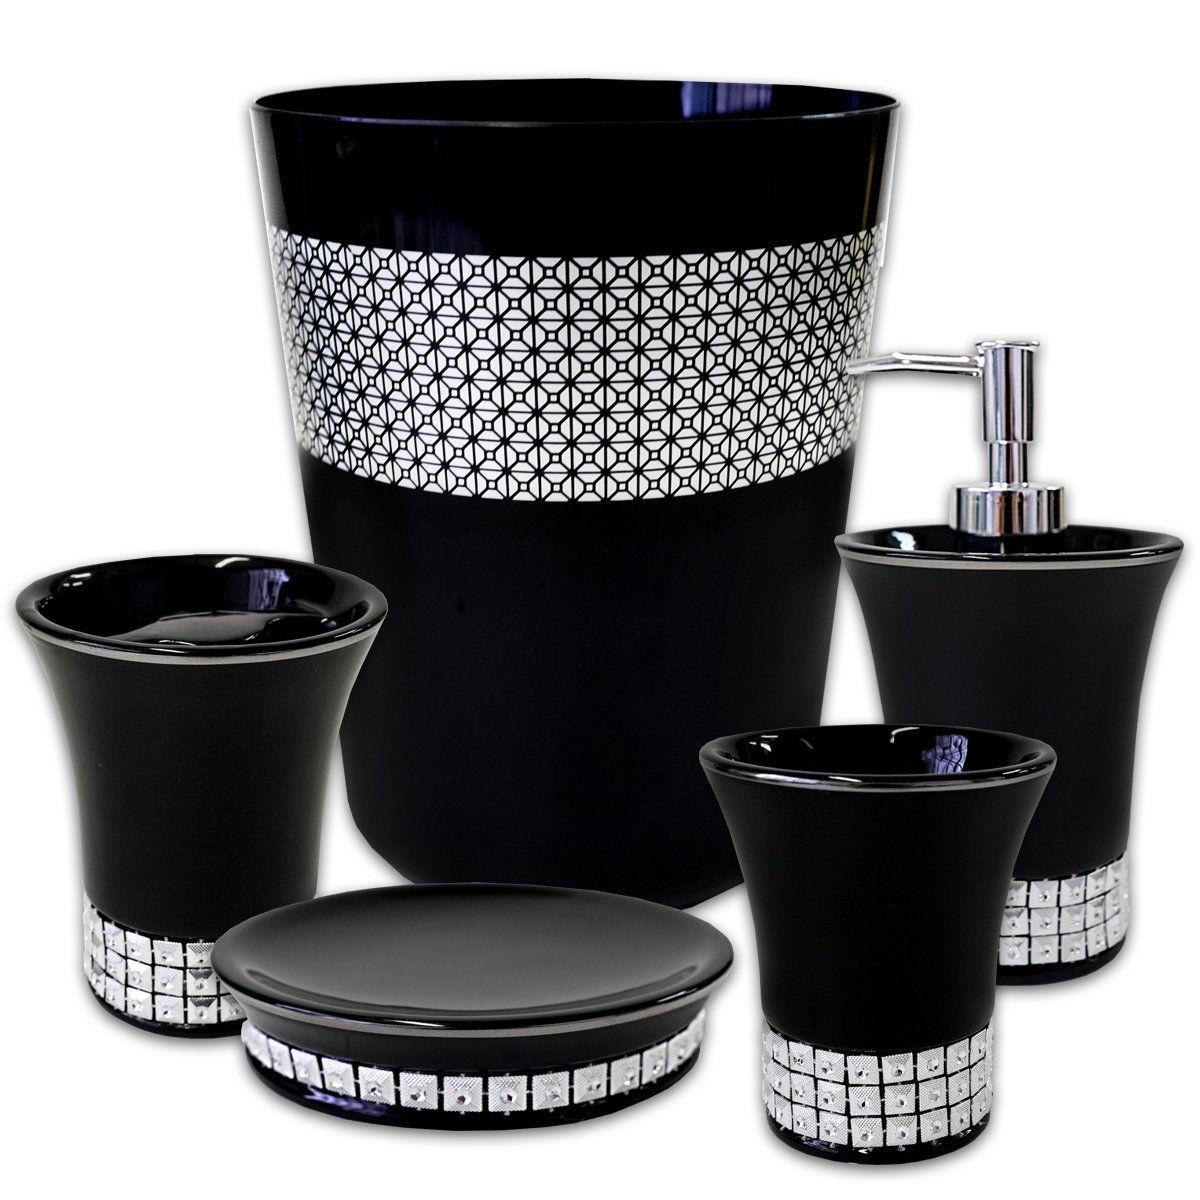 Anton Resin 5 Piece Bathroom Accessory Set | Bathroom ...